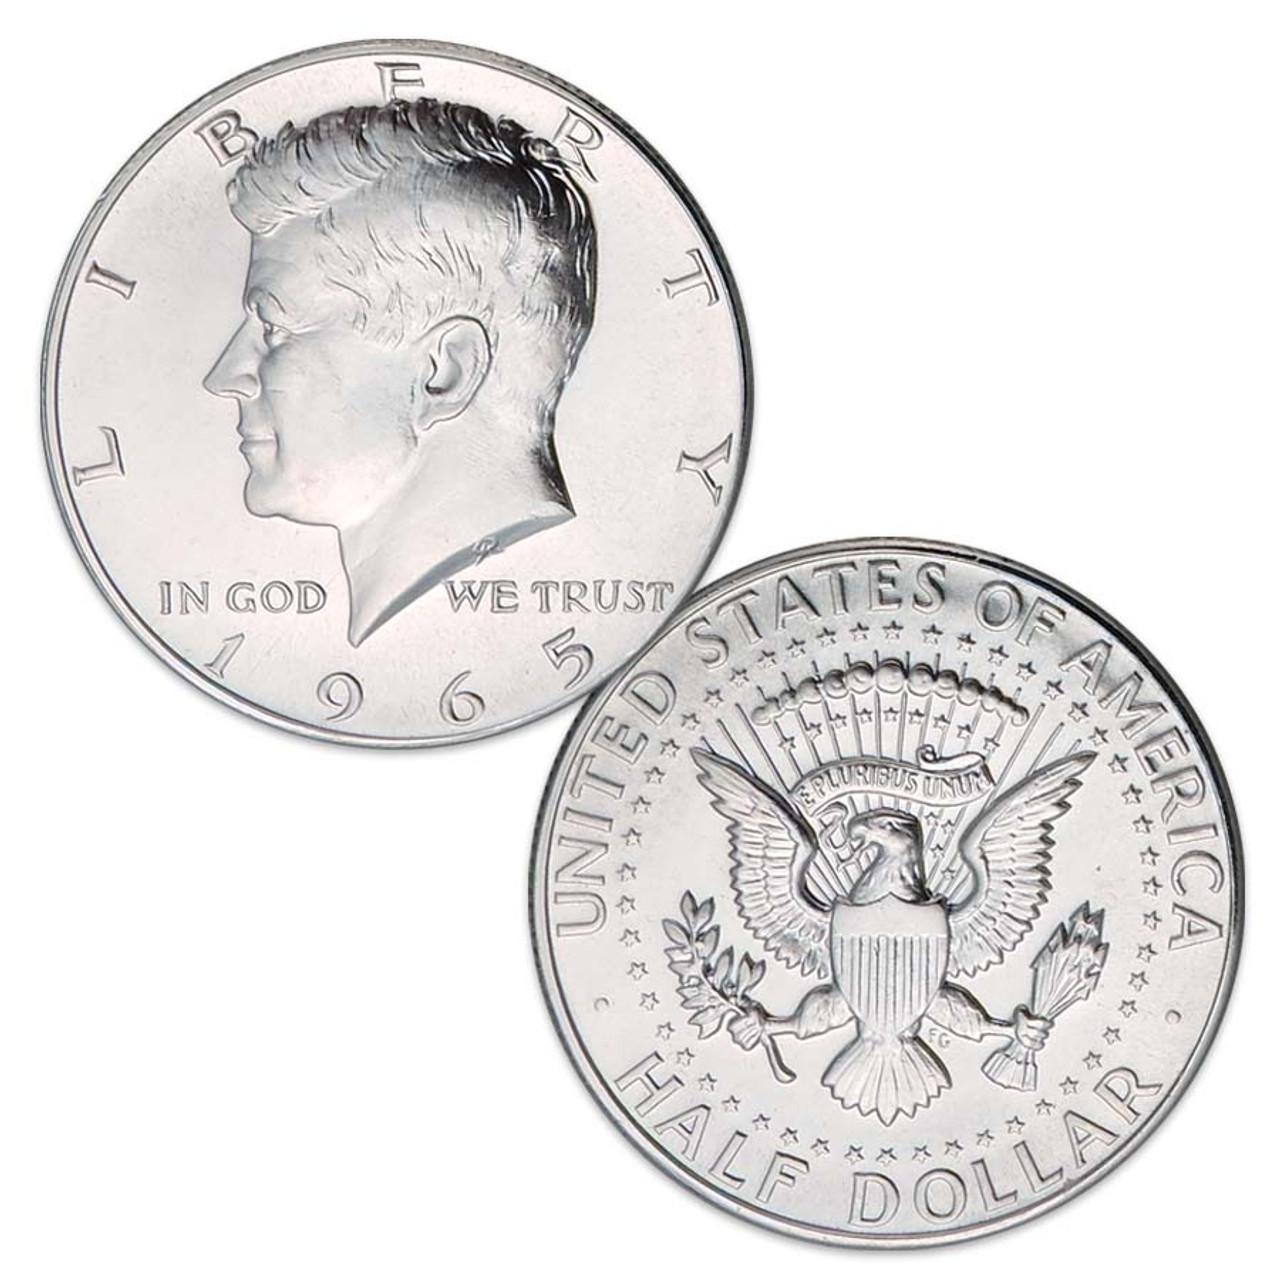 1965-SMS Kennedy 40% Silver Half Dollar Image 1